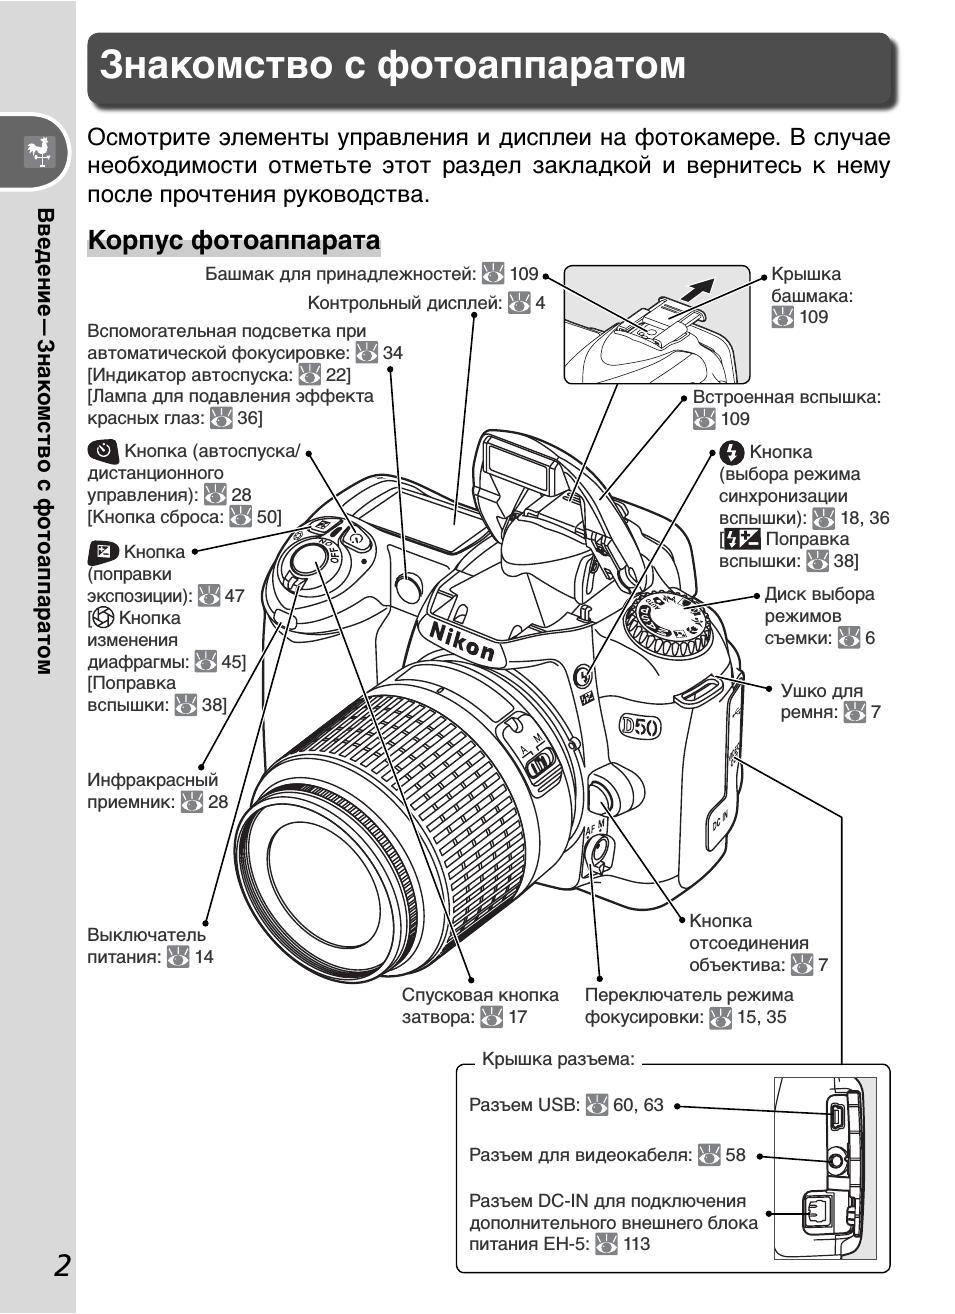 инструкция к фотоаппарату весна может быть цветастым